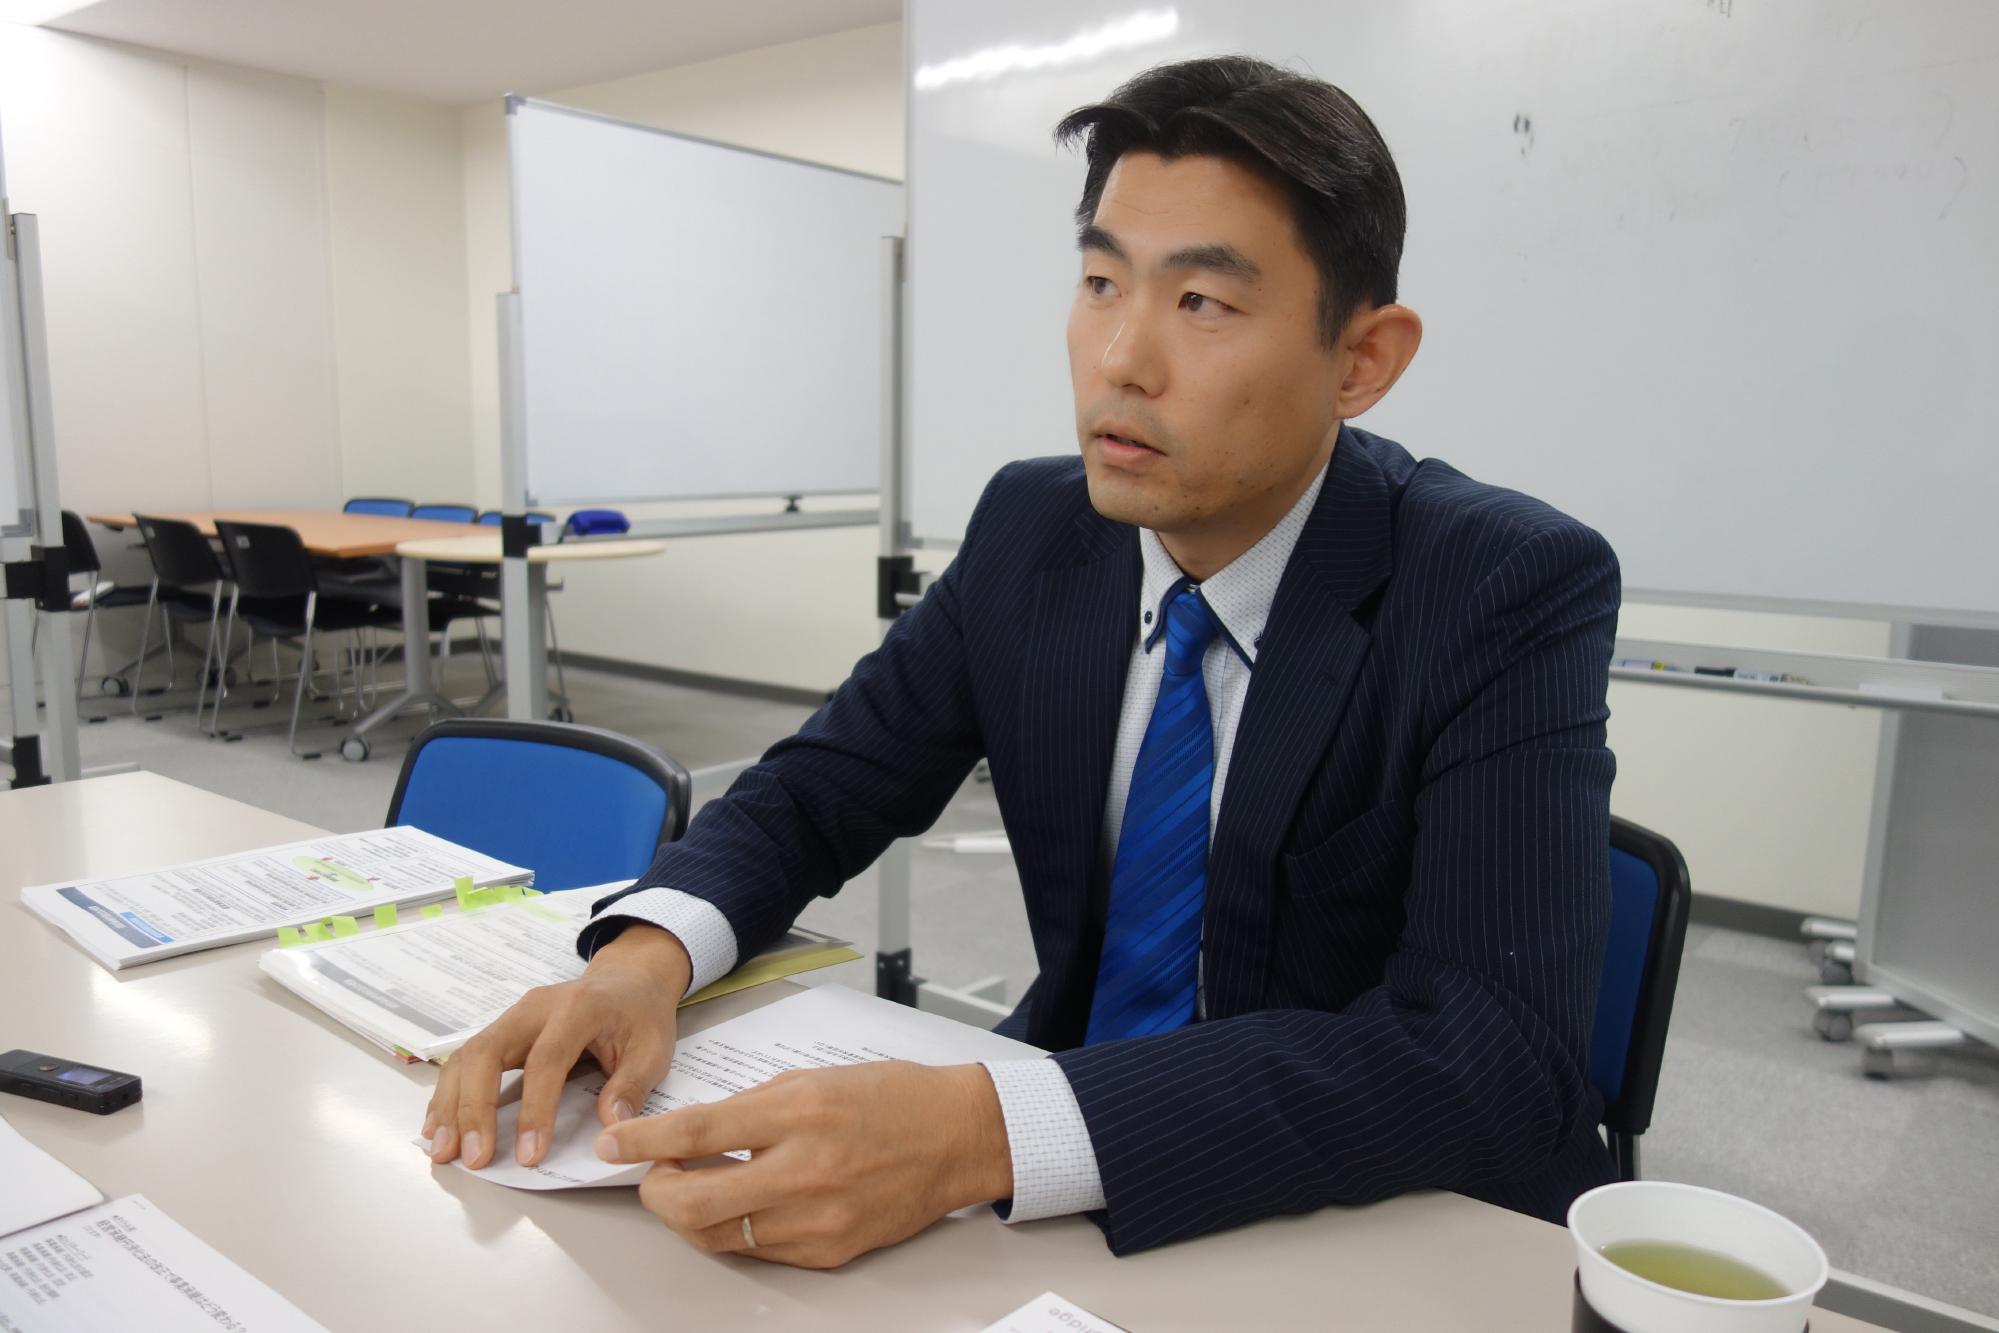 奥田雄二氏のインタビューシーン1